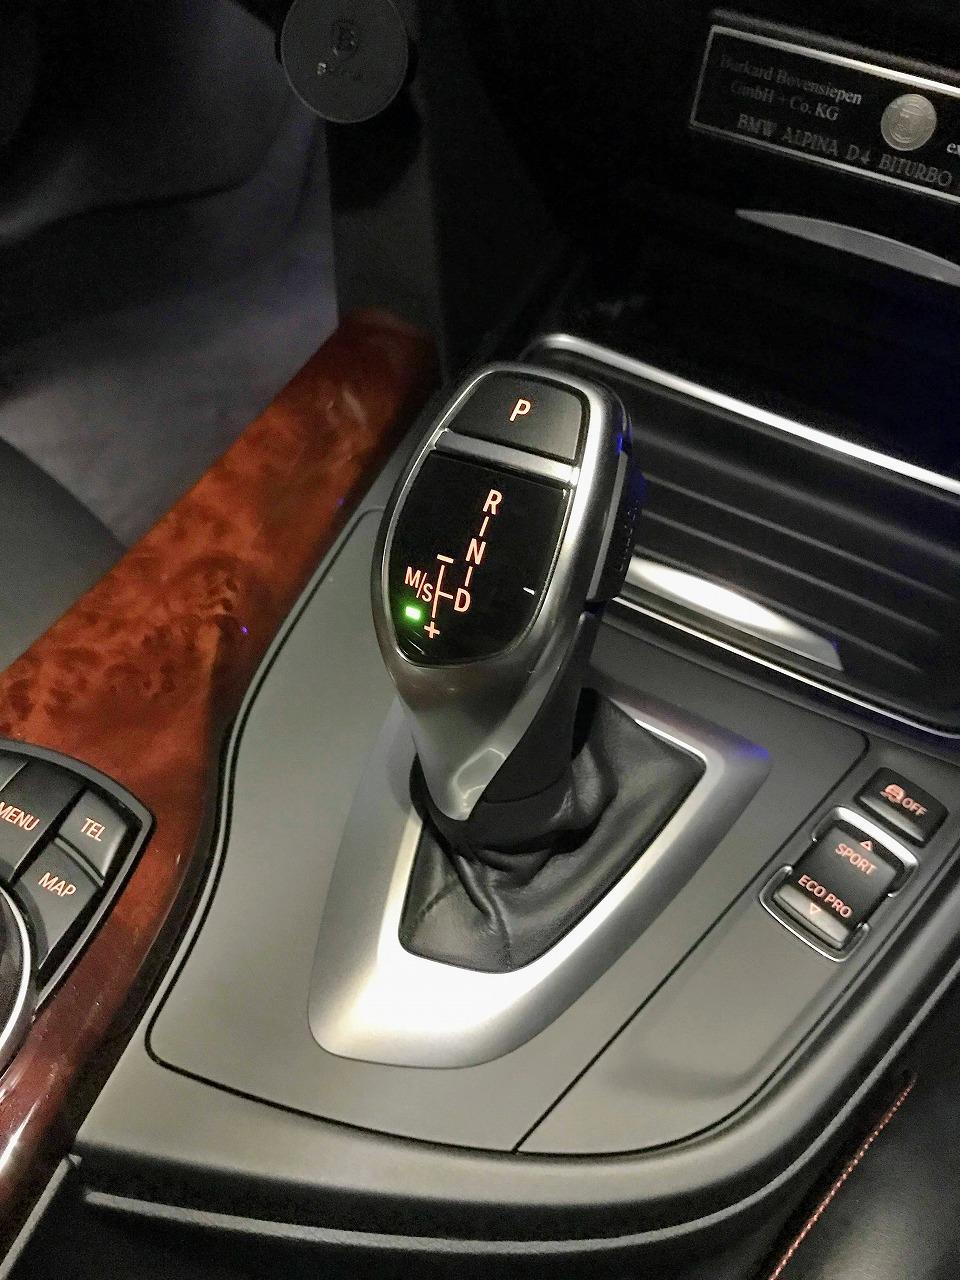 BMWは「DS」や「D」モードでエンジン止めると自動で「P(パーキング)」に入れてくれる件